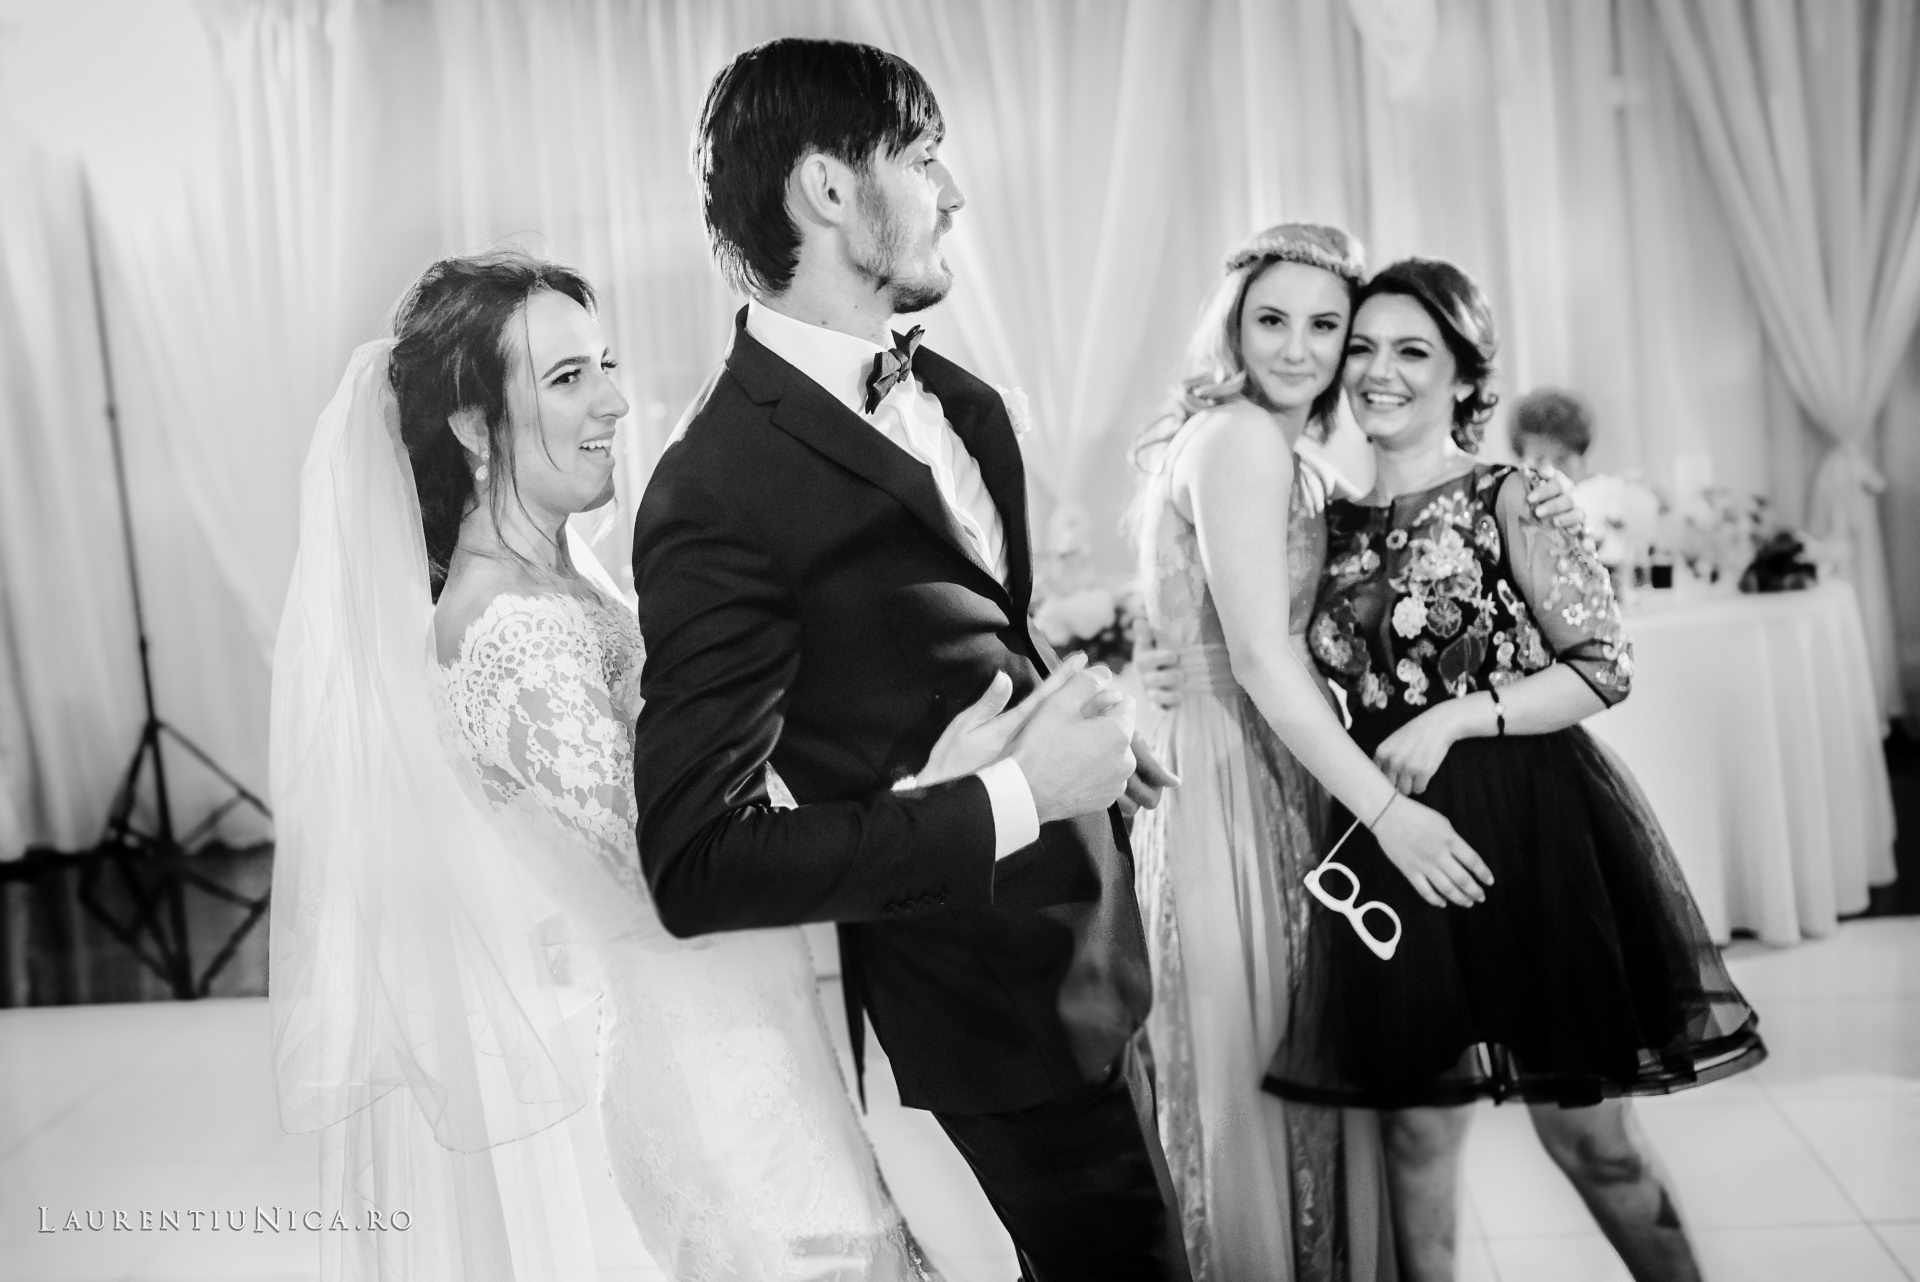 Cristina si Ovidiu nunta Craiova fotograf laurentiu nica 131 - Cristina & Ovidiu | Fotografii nunta | Craiova